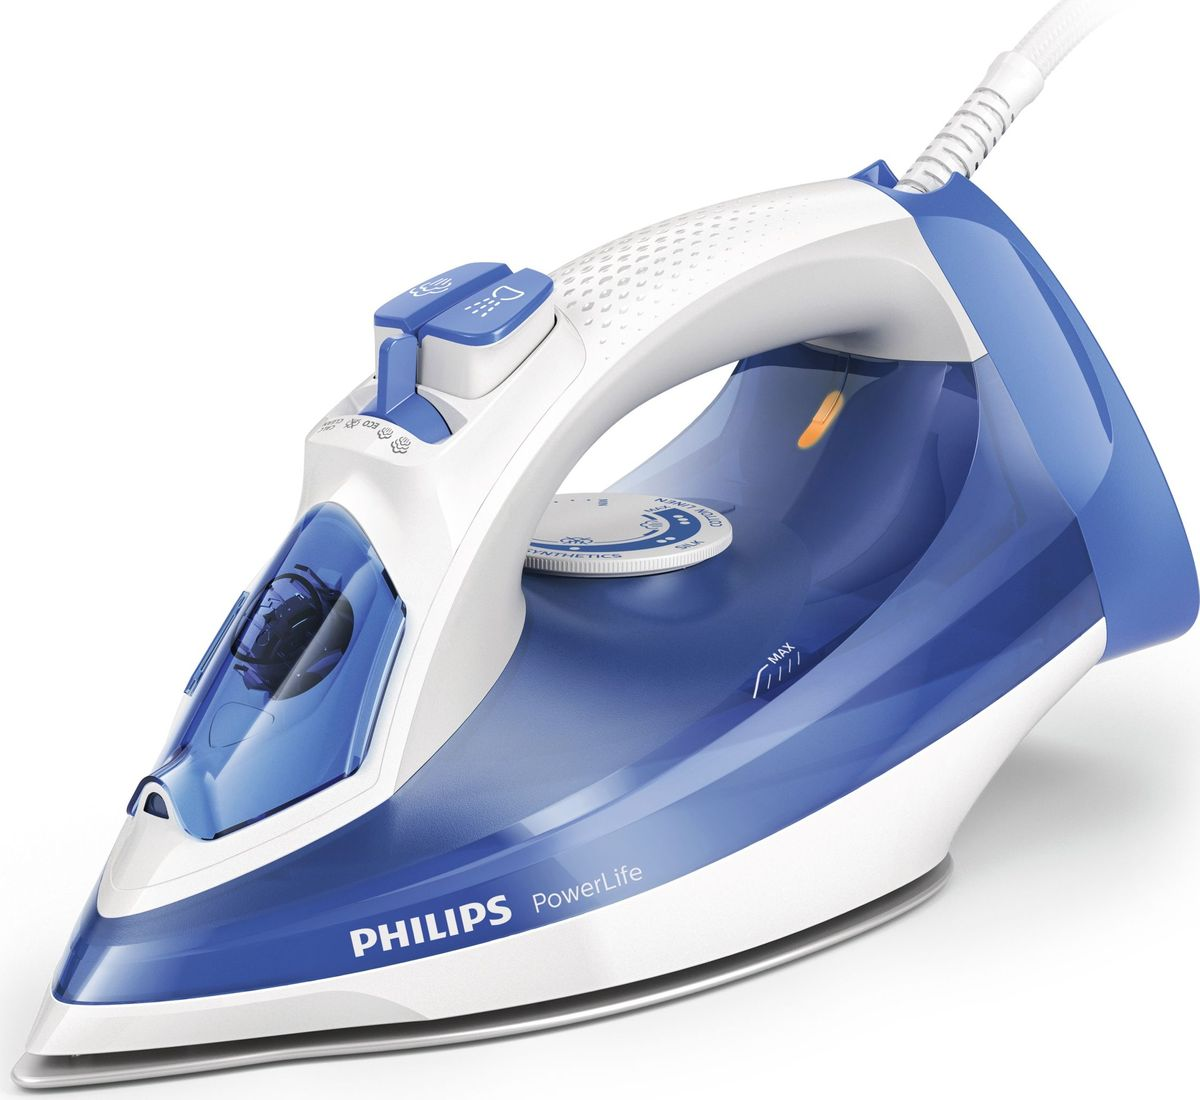 Philips GC2990/20 PowerLife, White Blue утюгGC2990/20Создан для работы, день за днём. Чтобы результаты глажения радовали вас день за днём, необходим надёжный утюг. Этот высококачественный утюг с подошвой SteamGlide, защищенной от царапин, и встроенной функцией очистки от накипи обеспечивает стабильную мощную подачу пара и долговечность. Подошва SteamGlide прослужит в 4 раза дольше по сравнению с обычной антипригарной подошвой. Быстрое и мощное разглаживание складок: 2300 Вт для быстрого нагрева Паровой удар до 140 г для легкого разглаживания жестких складок Подача пара до 40 г/мин для лучшего разглаживания складок Вертикальное отпариваниеВысококачественная подошва SteamGlide с защитой от царапин Удобная очистка от накипи для оптимальной подачи пара надолго Система капля-стоп предотвращает протекание воды на одежду